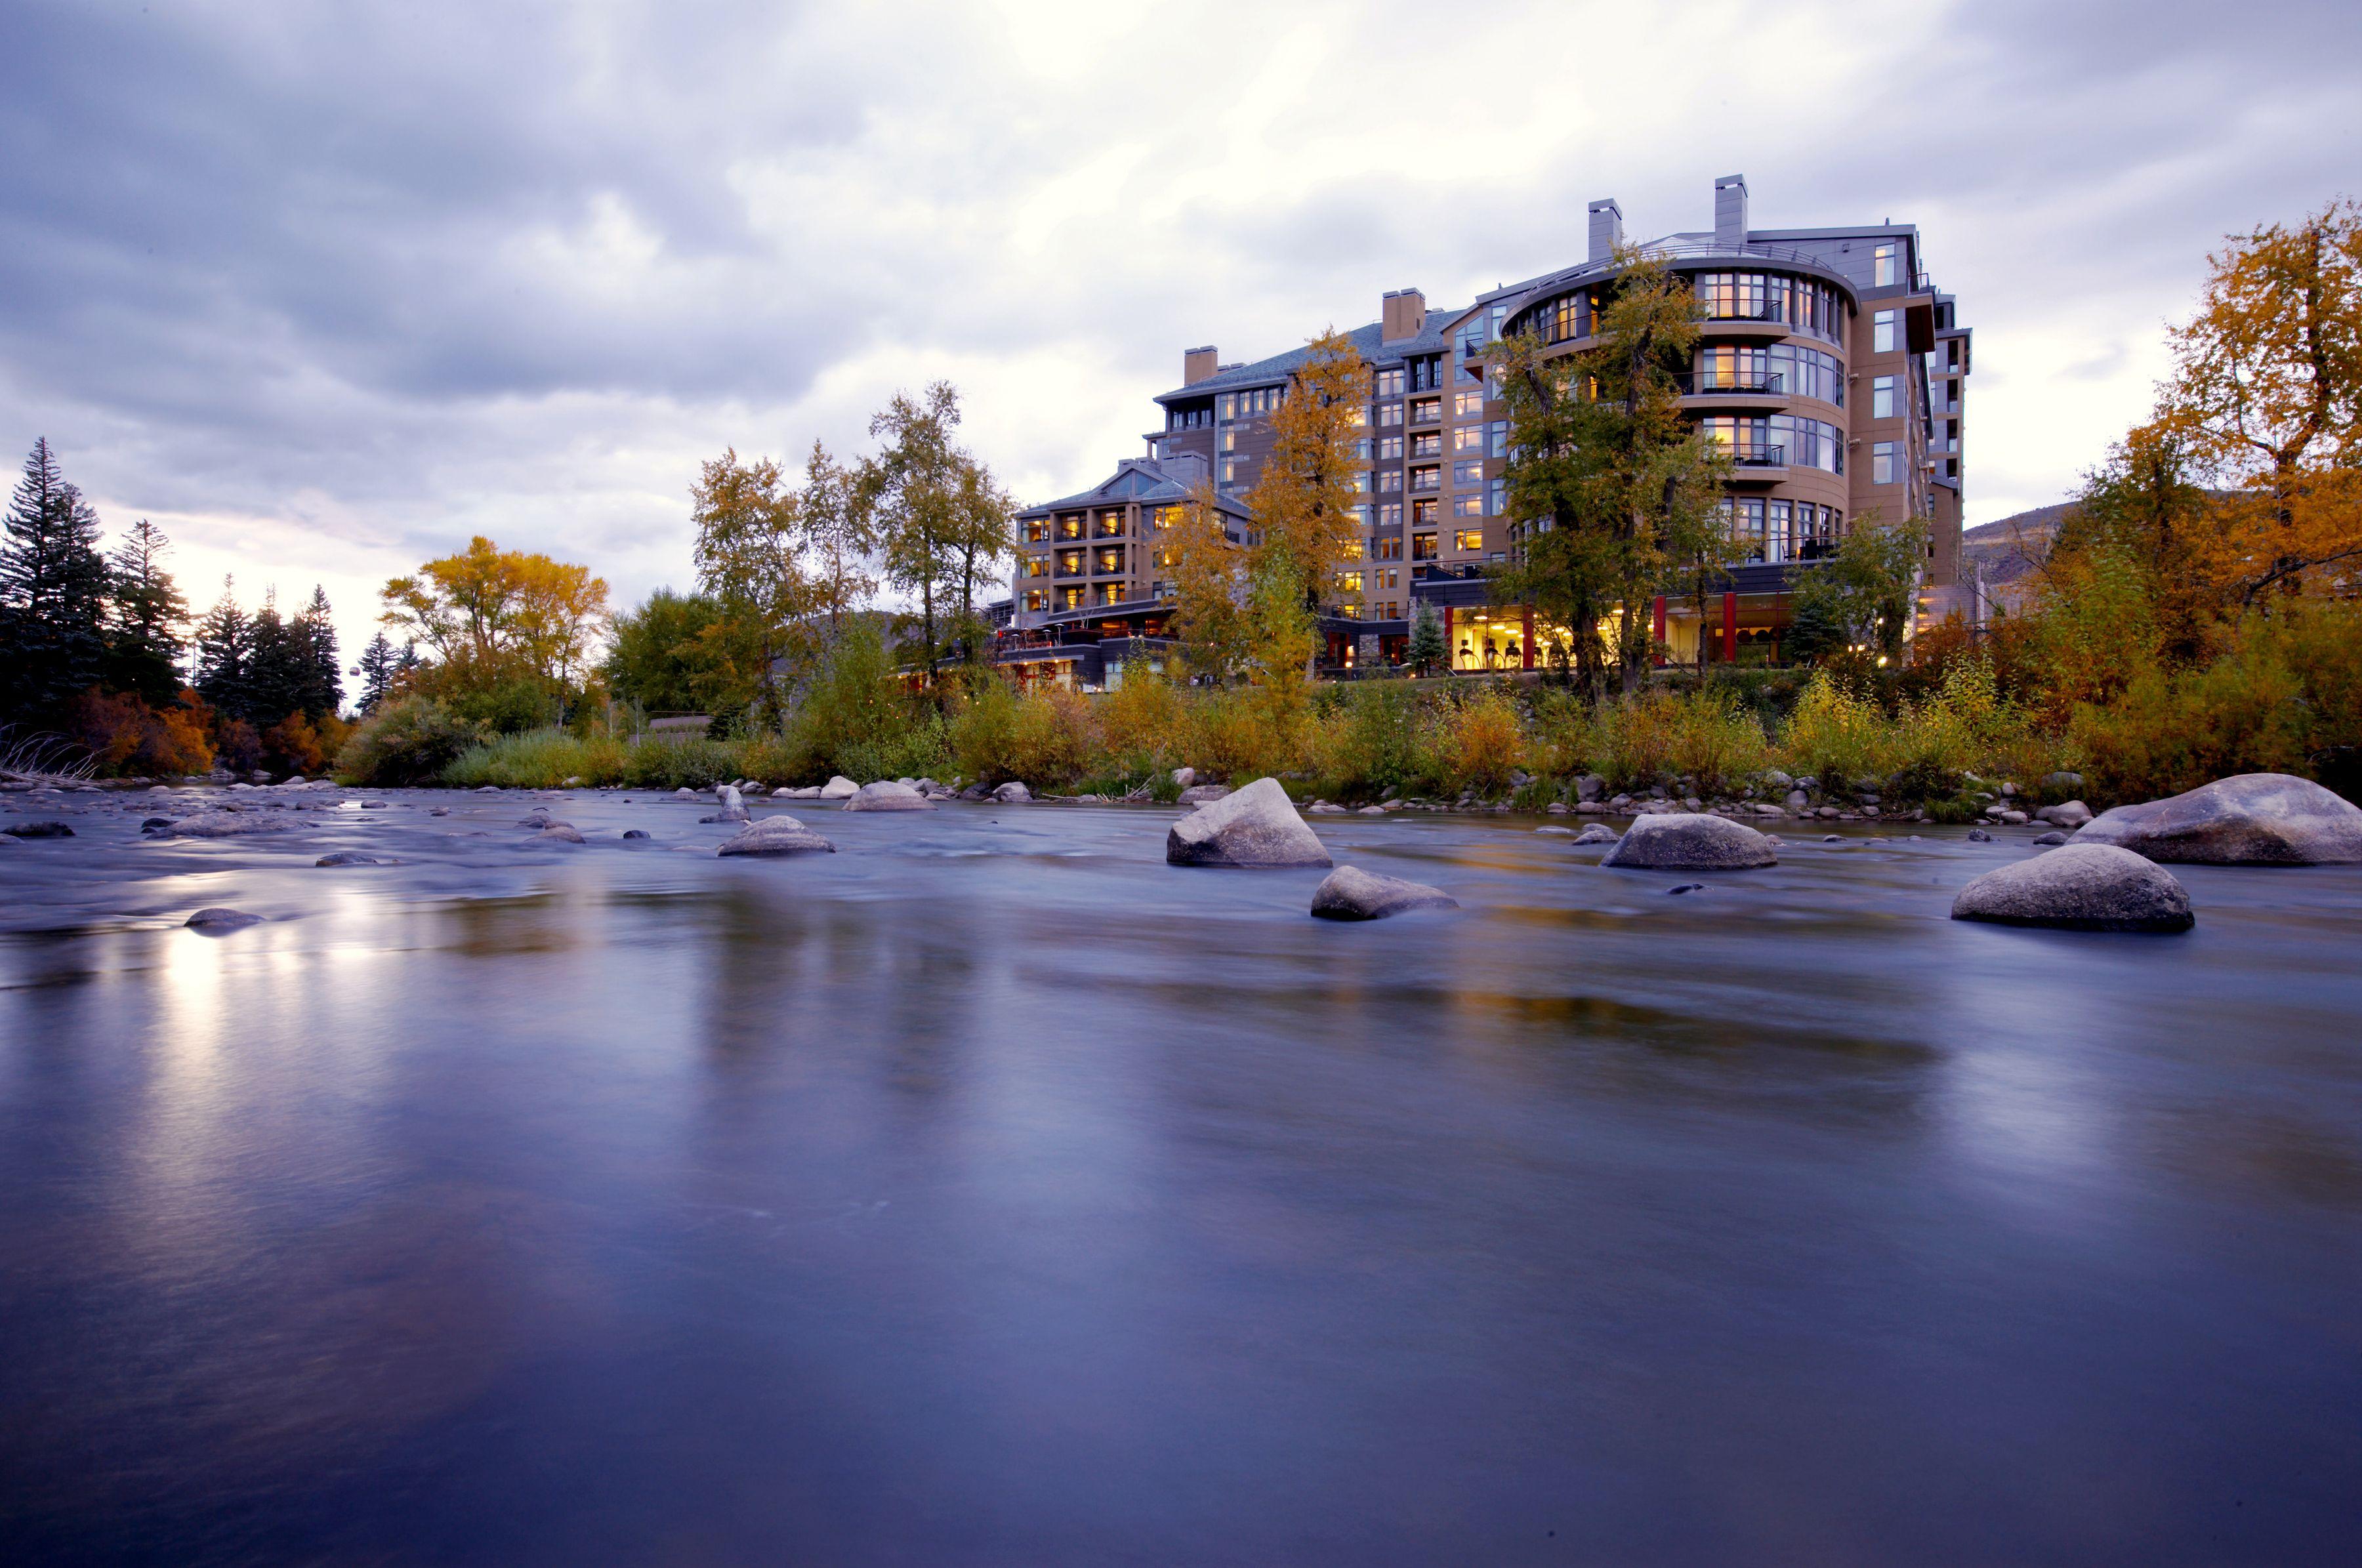 126 Riverfront Lane # 246 Avon, CO 81620